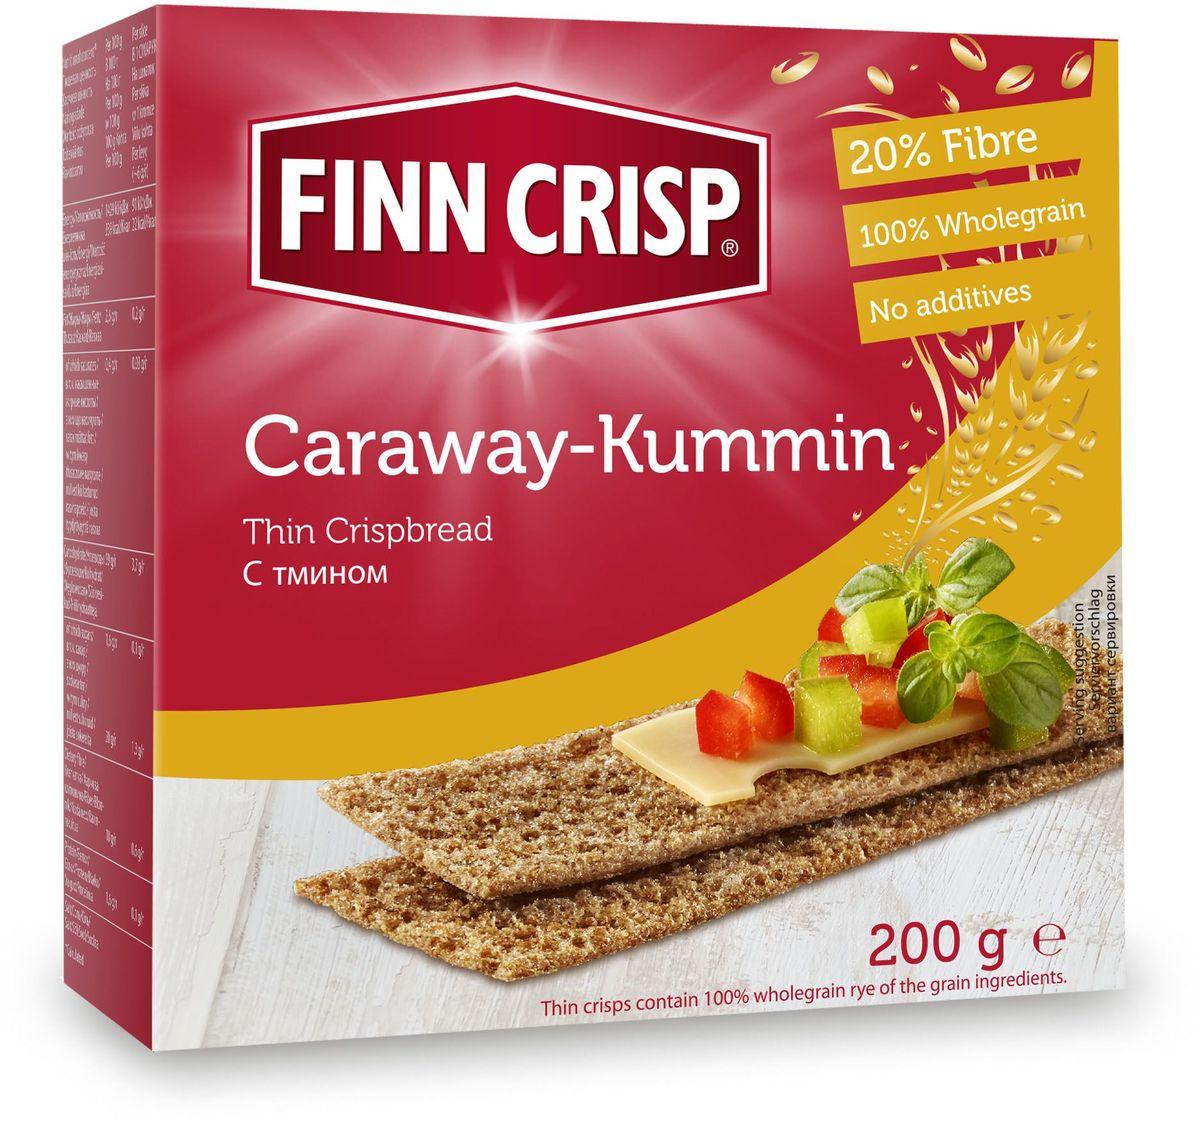 Finn Crisp Caraway хлебцы с тмином, 200 г0120710В 1952 году началось производство сухариков FINN CRISP (ФИНН КРИСП), когда стартовали Олимпийские Игры в Хельсинки (Финляндия).Многие годы натуральные ржаные сухарики FINN CRISP отражают дух Финляндии для миллионов покупателей по всему миру, заботящихся о здоровом питании. Высушивать хлеб - давняя финская традиция и FINN CRISP до сих пор придерживаются этой традиции создавая хлебцы по старому классическому финскому рецепту.Бренд FINN CRISP принадлежит компании VAASAN Group's.VAASAN - это крупнейшая хлебопекарная компания в Балтийском регионе со столетней историей, занимающаяся производством продукции для правильного и здорового питания. Занимающая второе место по производству сухариков и хлебцев, а её продукция экспортируются в более чем 50 государств!